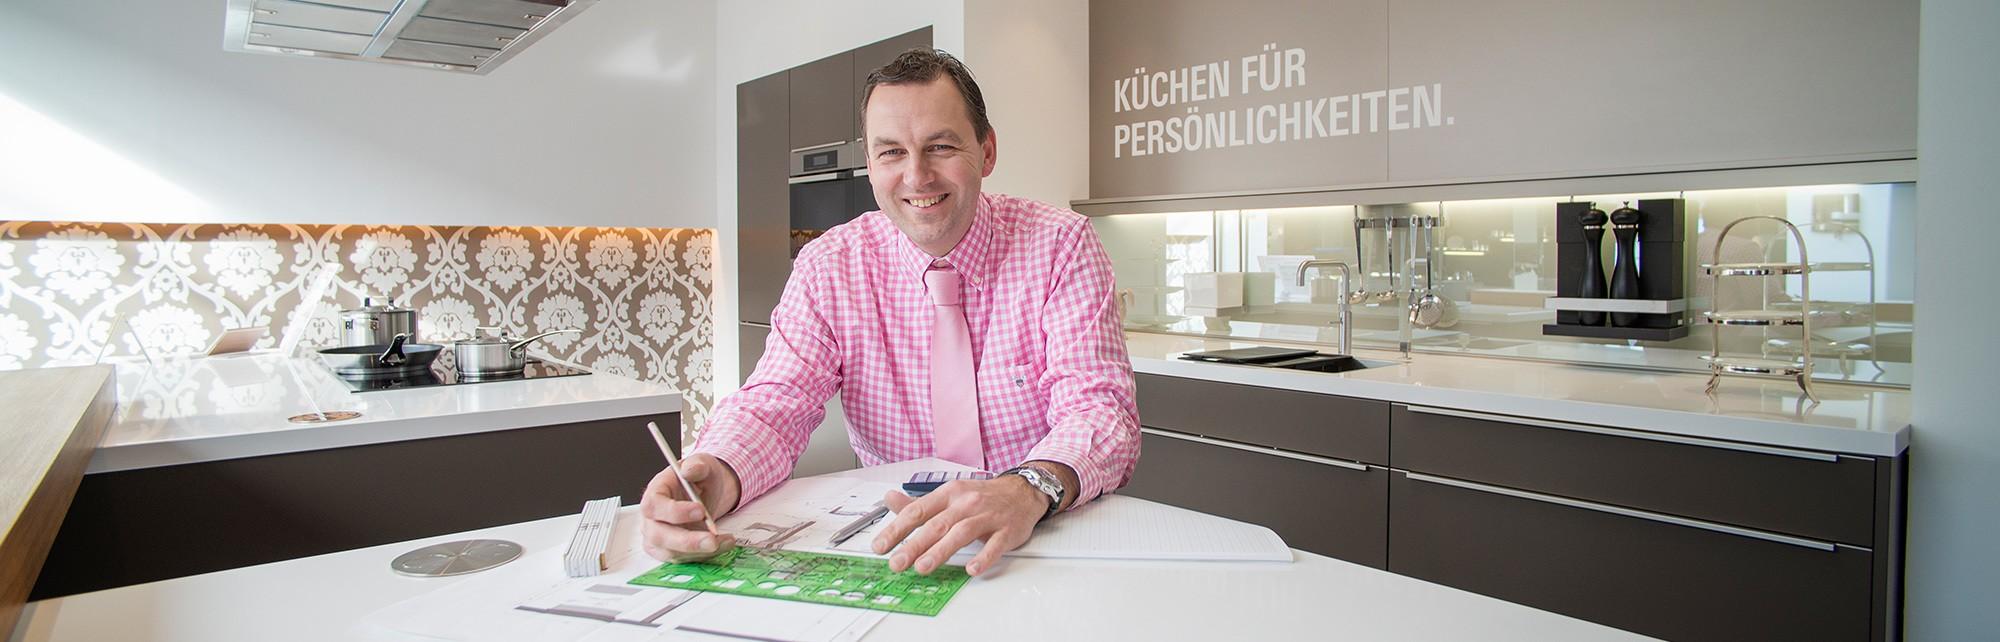 kuechenguide.com-service-handwerk-miele-stefan-meimann-mnster